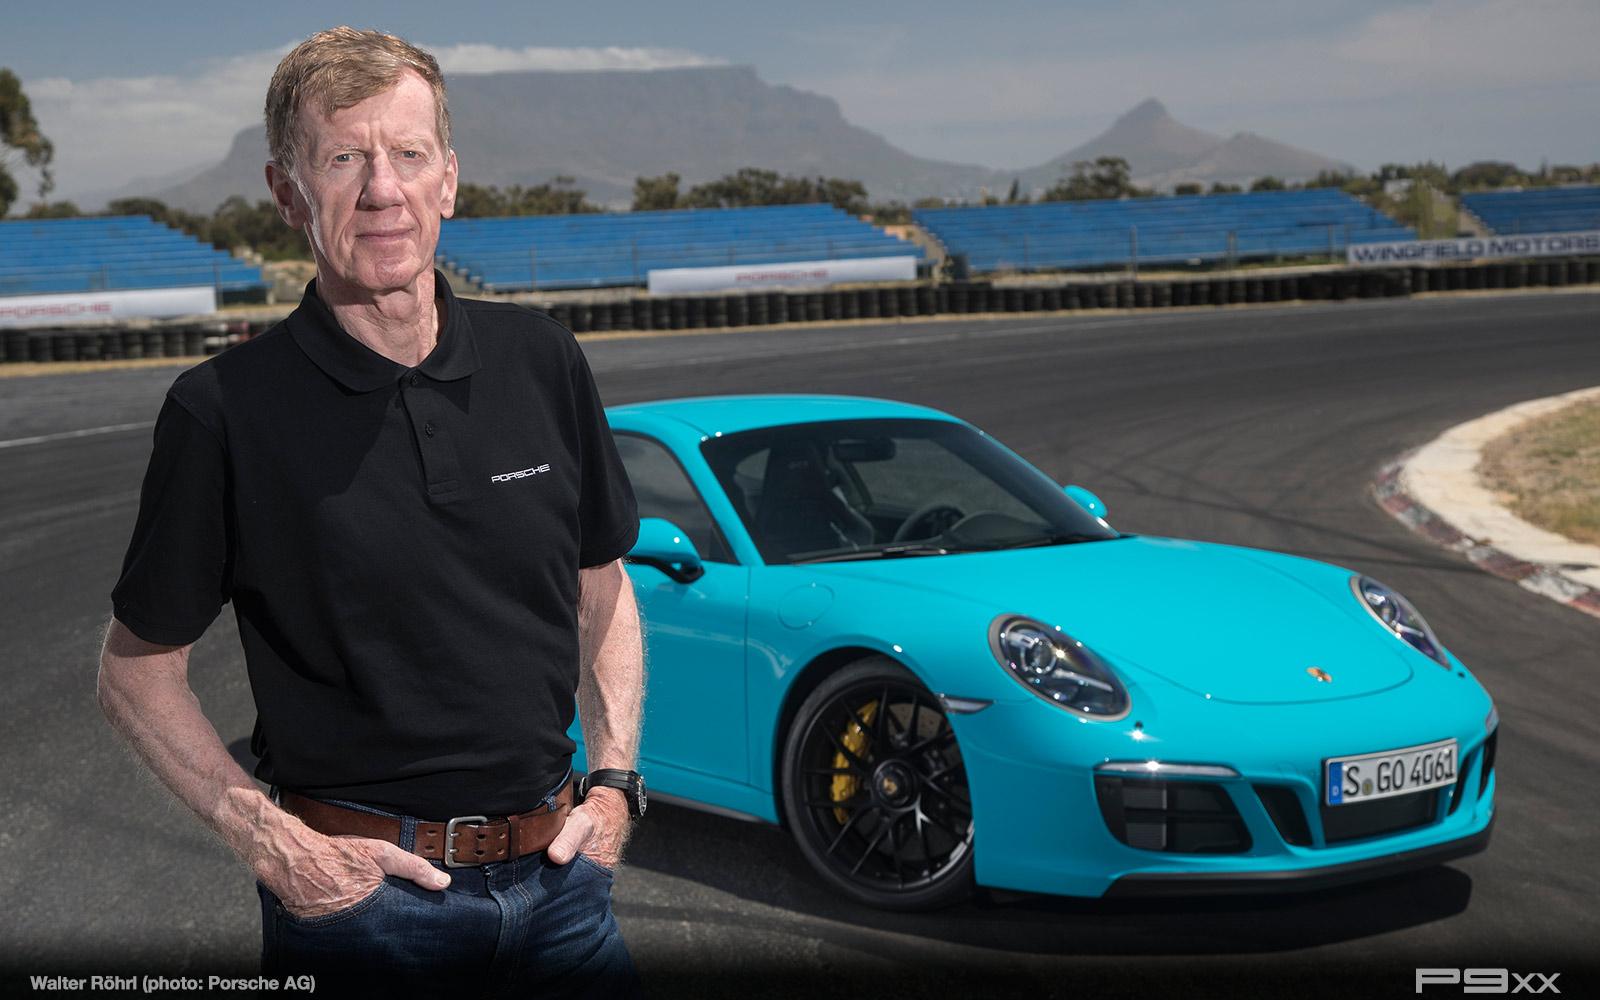 Walter-Rohrl-and-Porsche-620